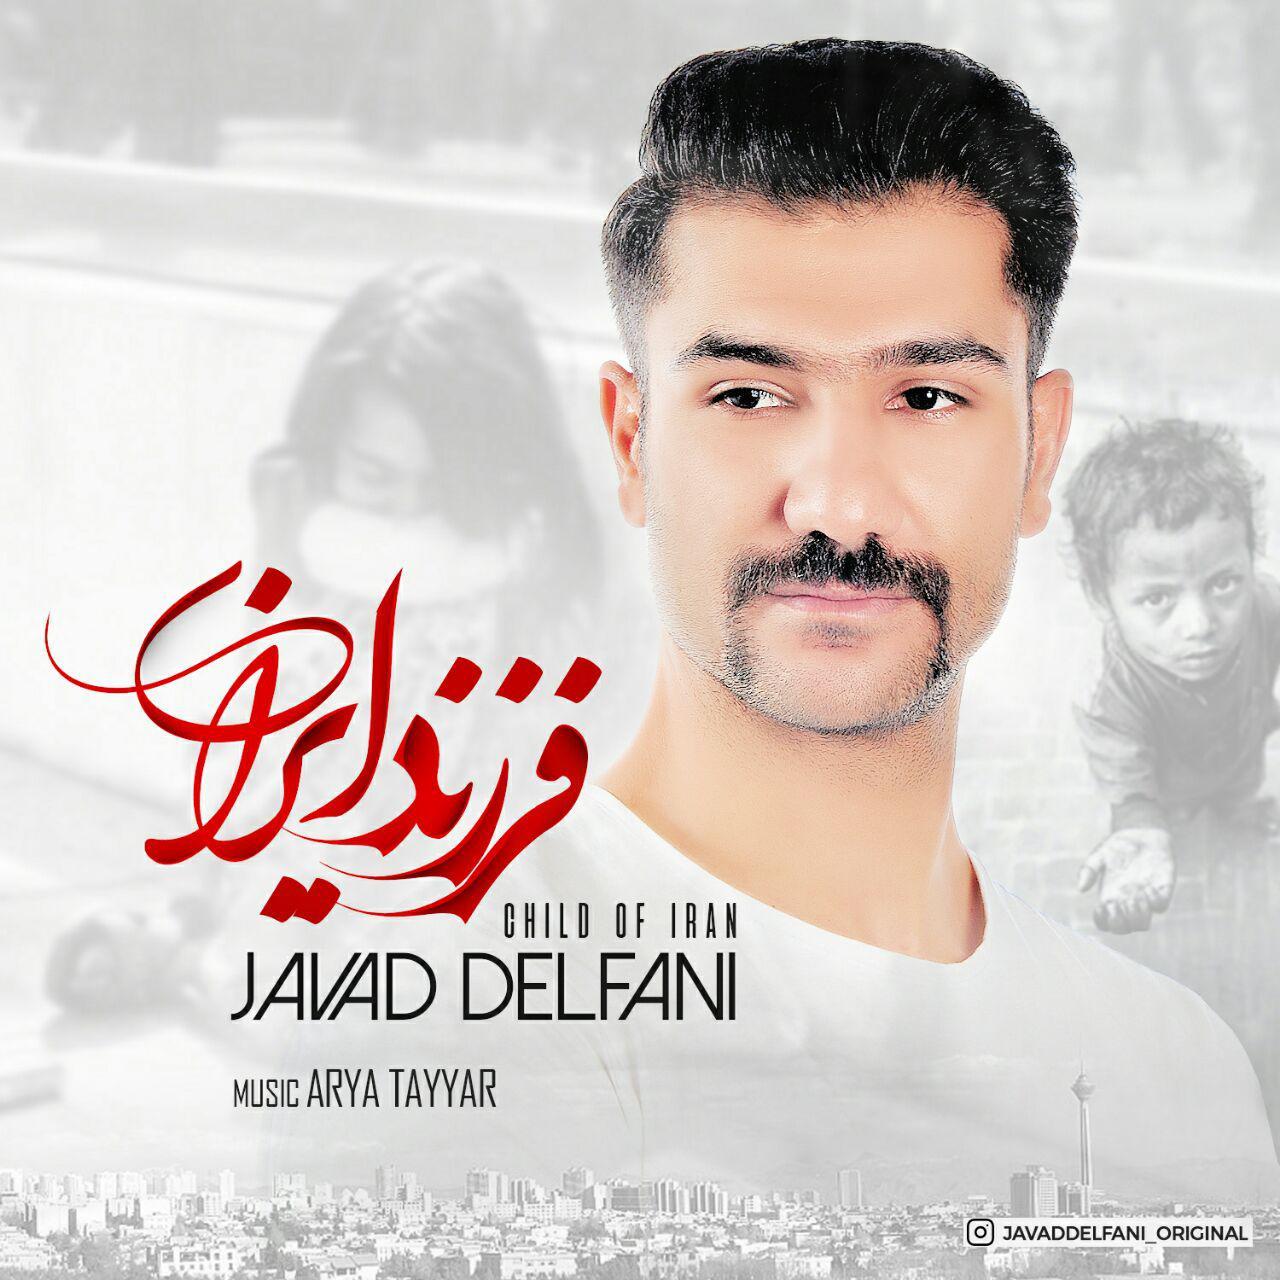 جواد دلفانی به نام فرزند ایران